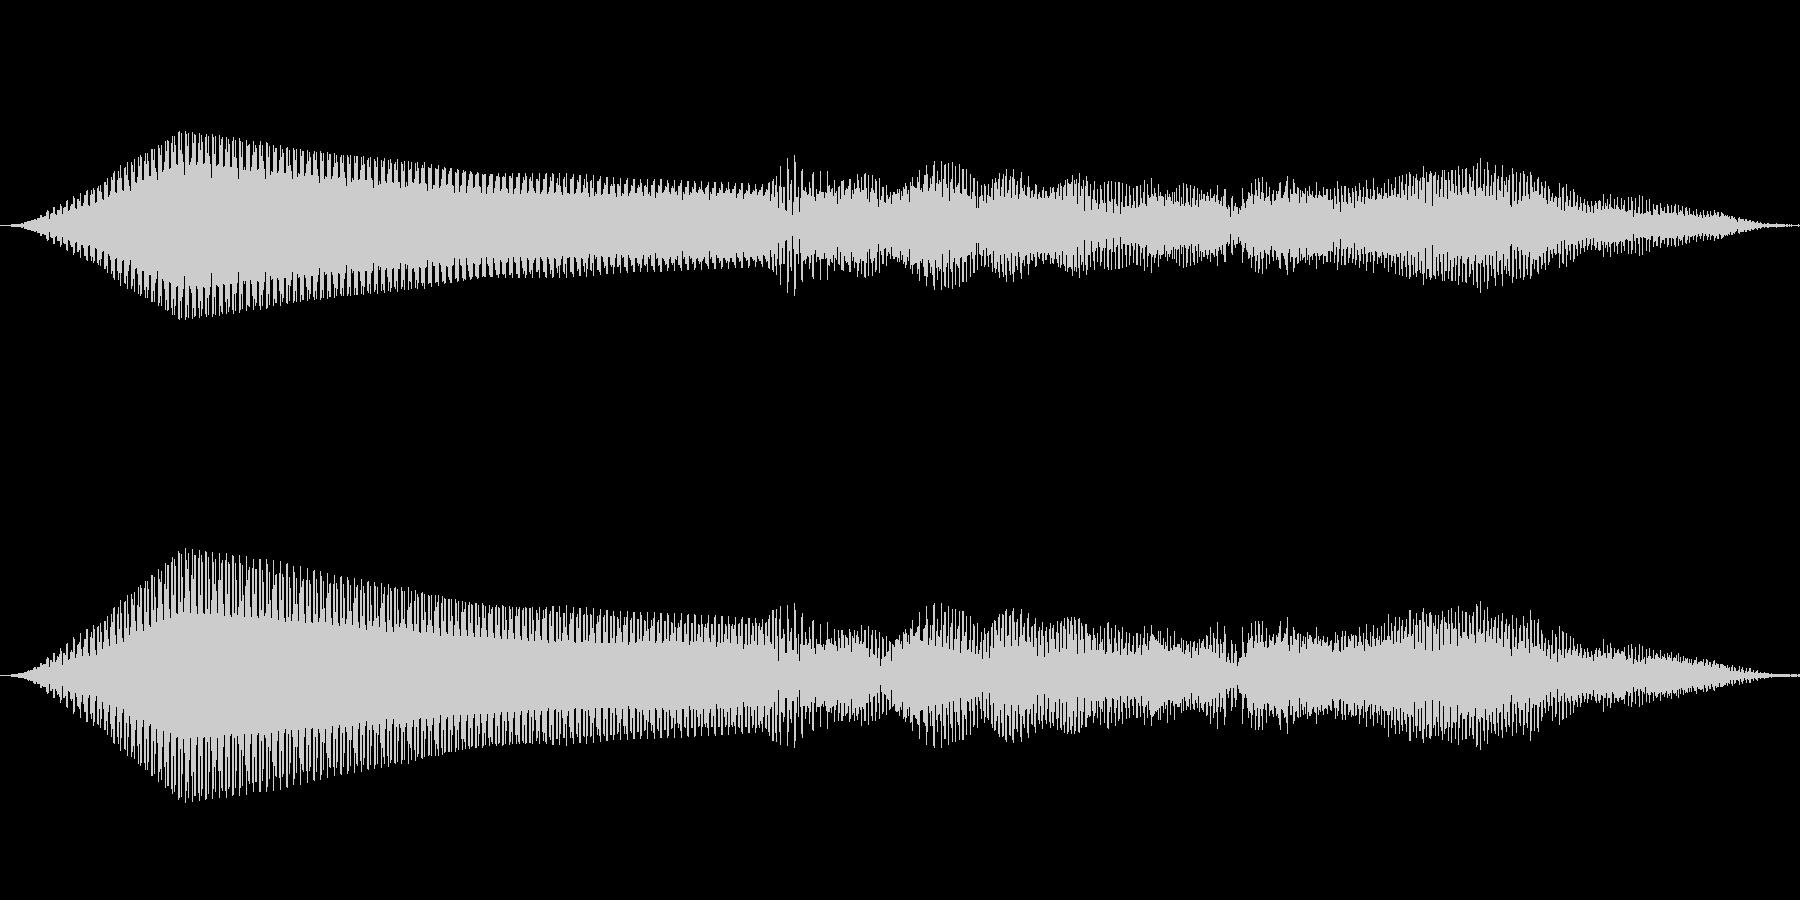 重低音シンセ 効果音 ブォーンの未再生の波形